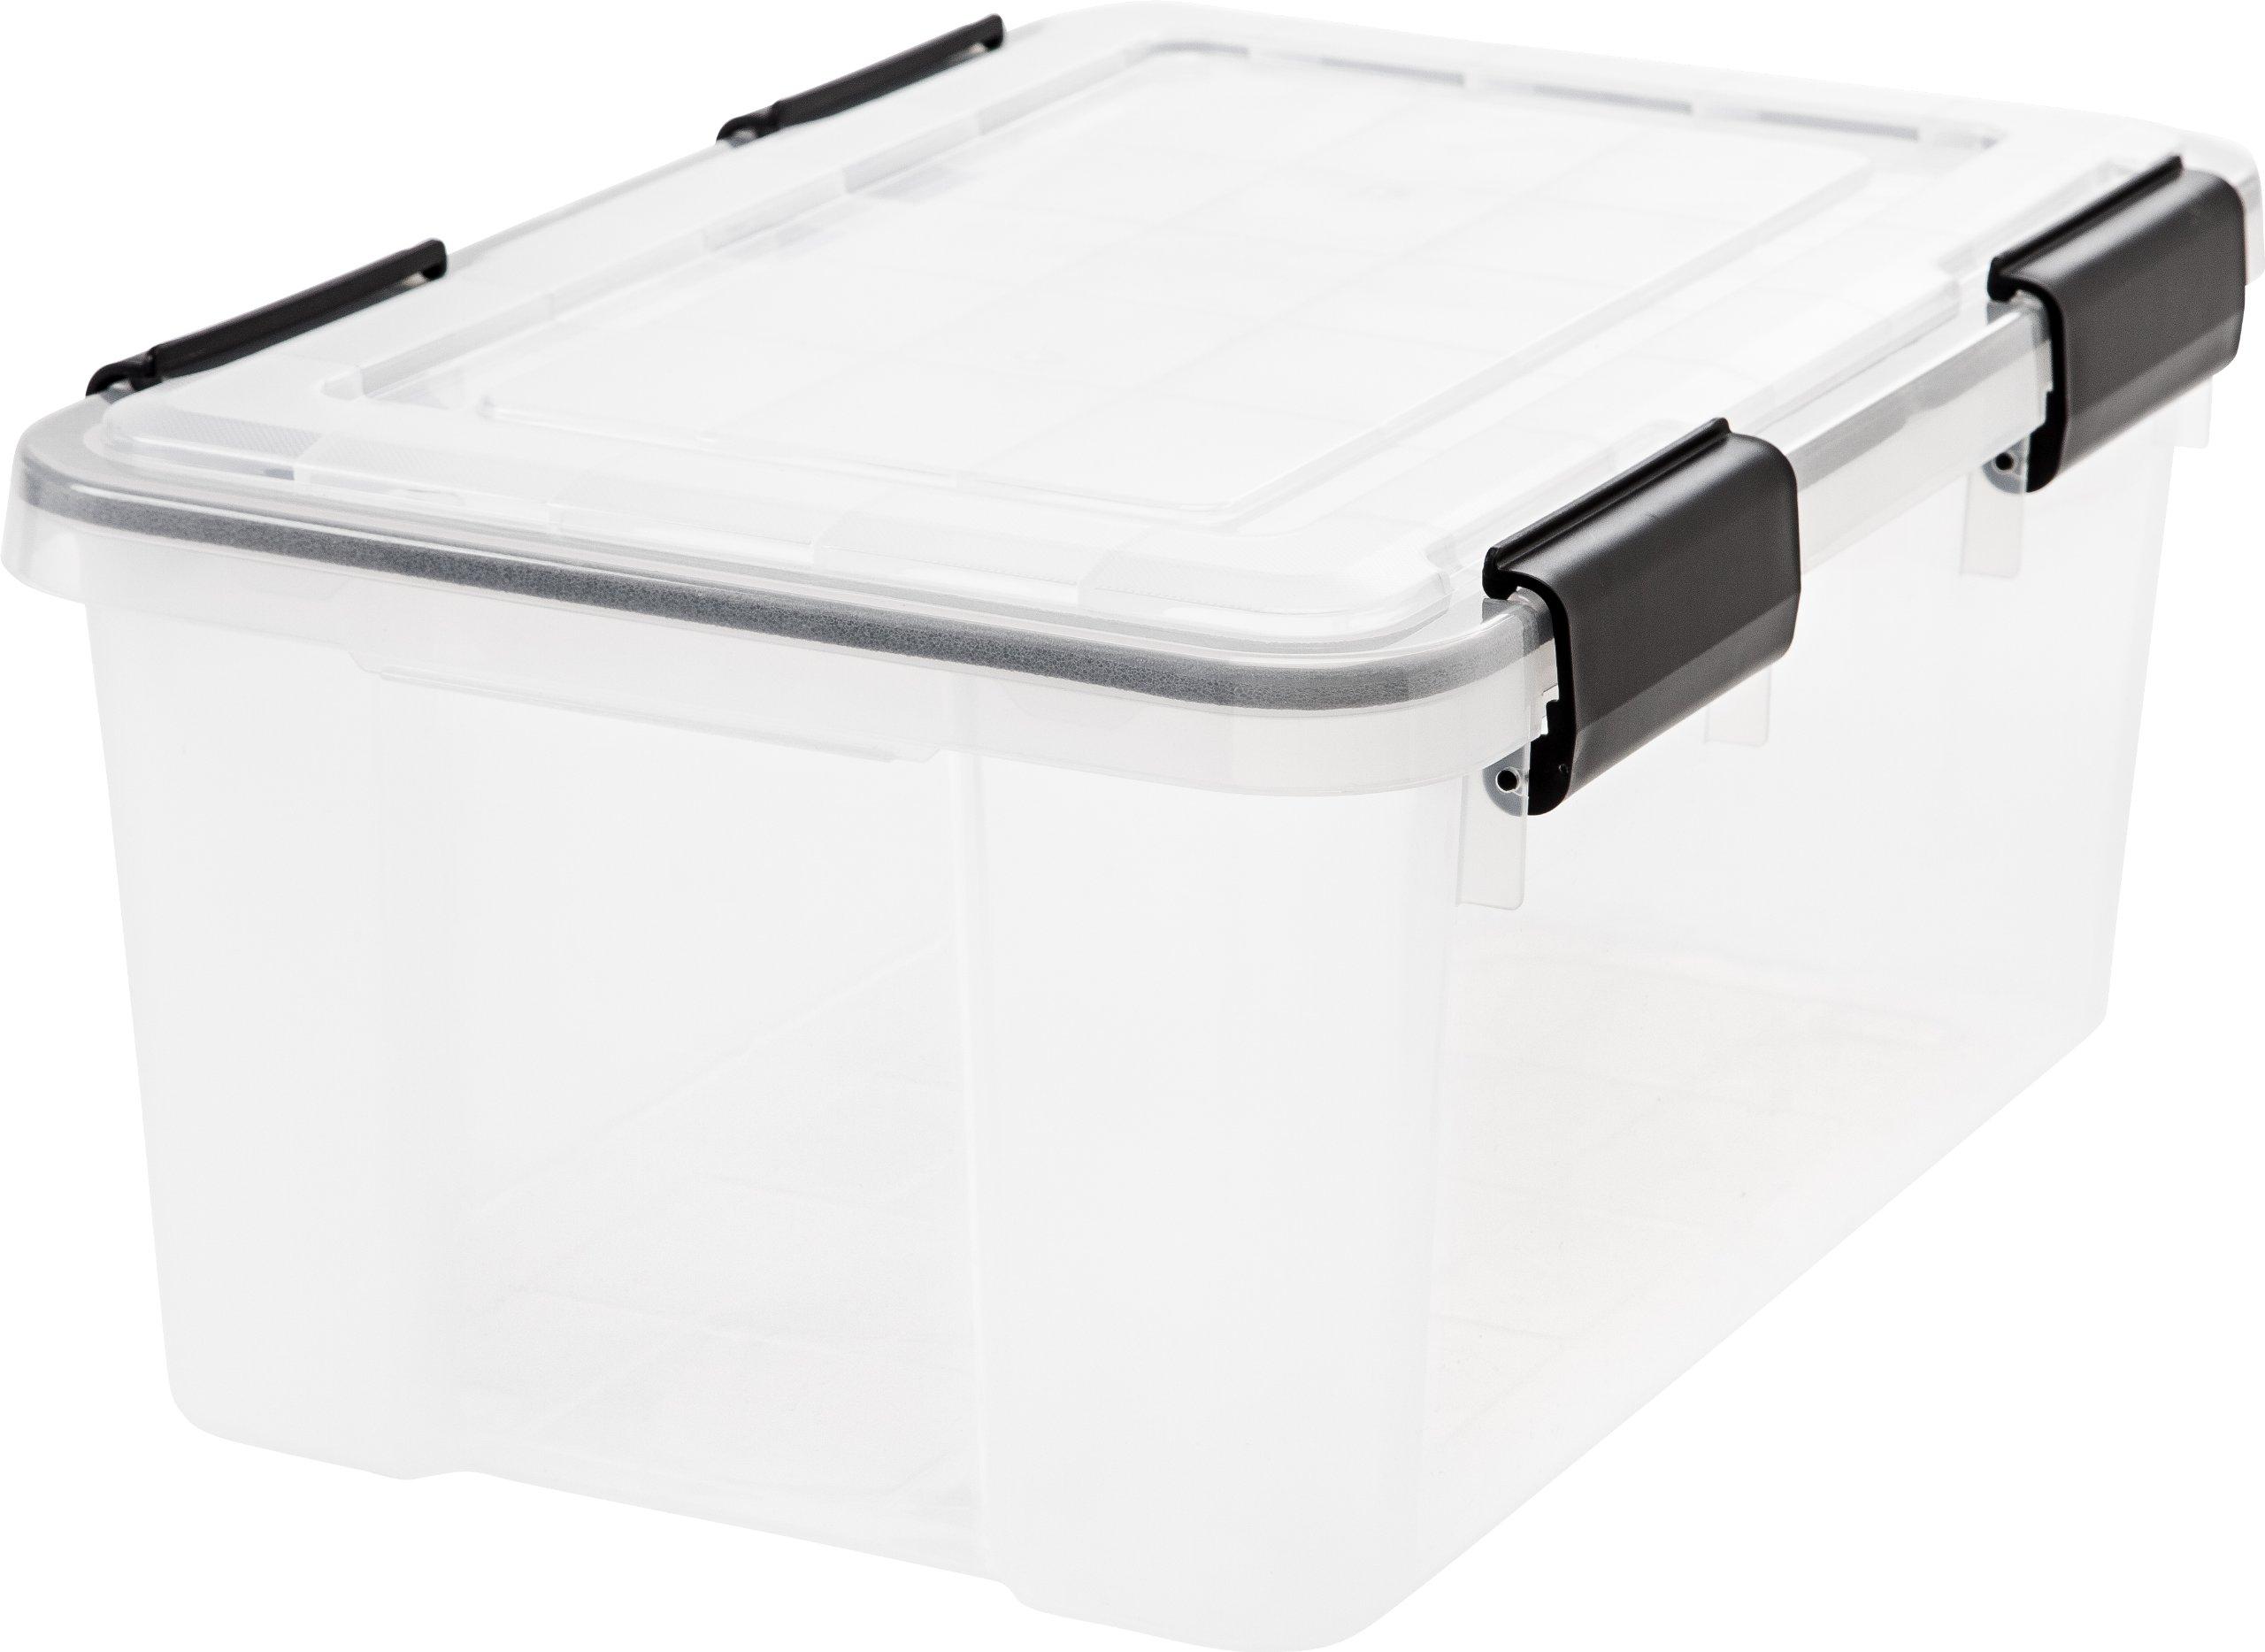 IRIS - Caja de almacenamiento hermética, transparente, plástico, transparente, 19 quart: Amazon.es: Hogar